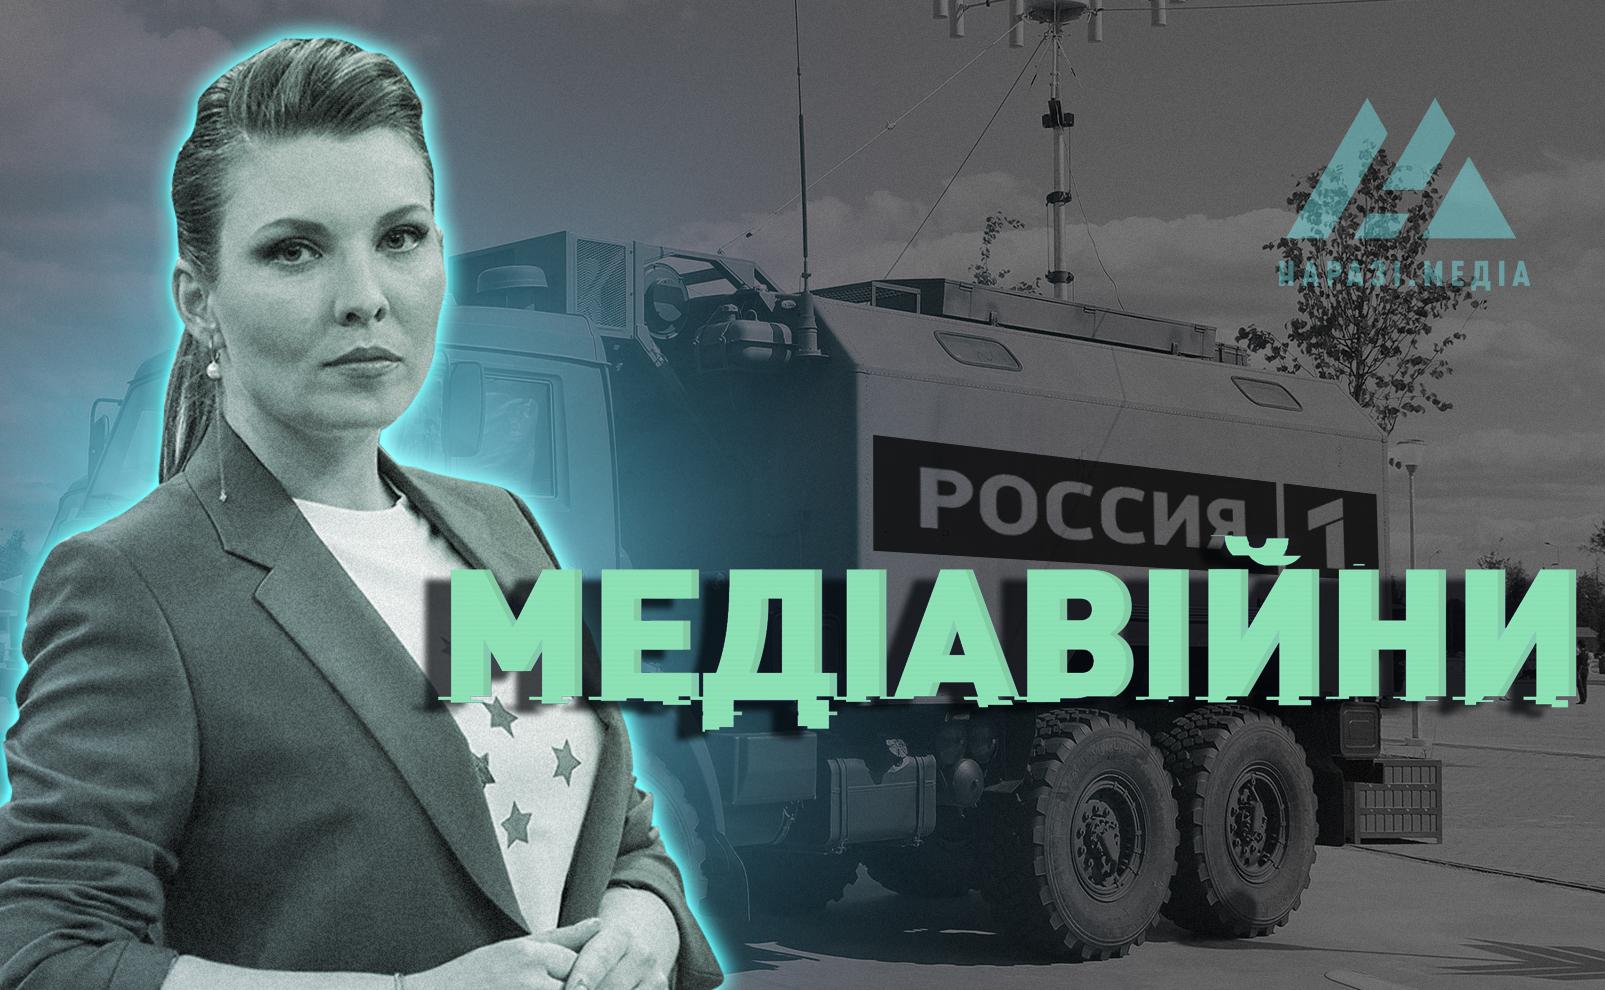 Медіавійни, в яких Україна програє